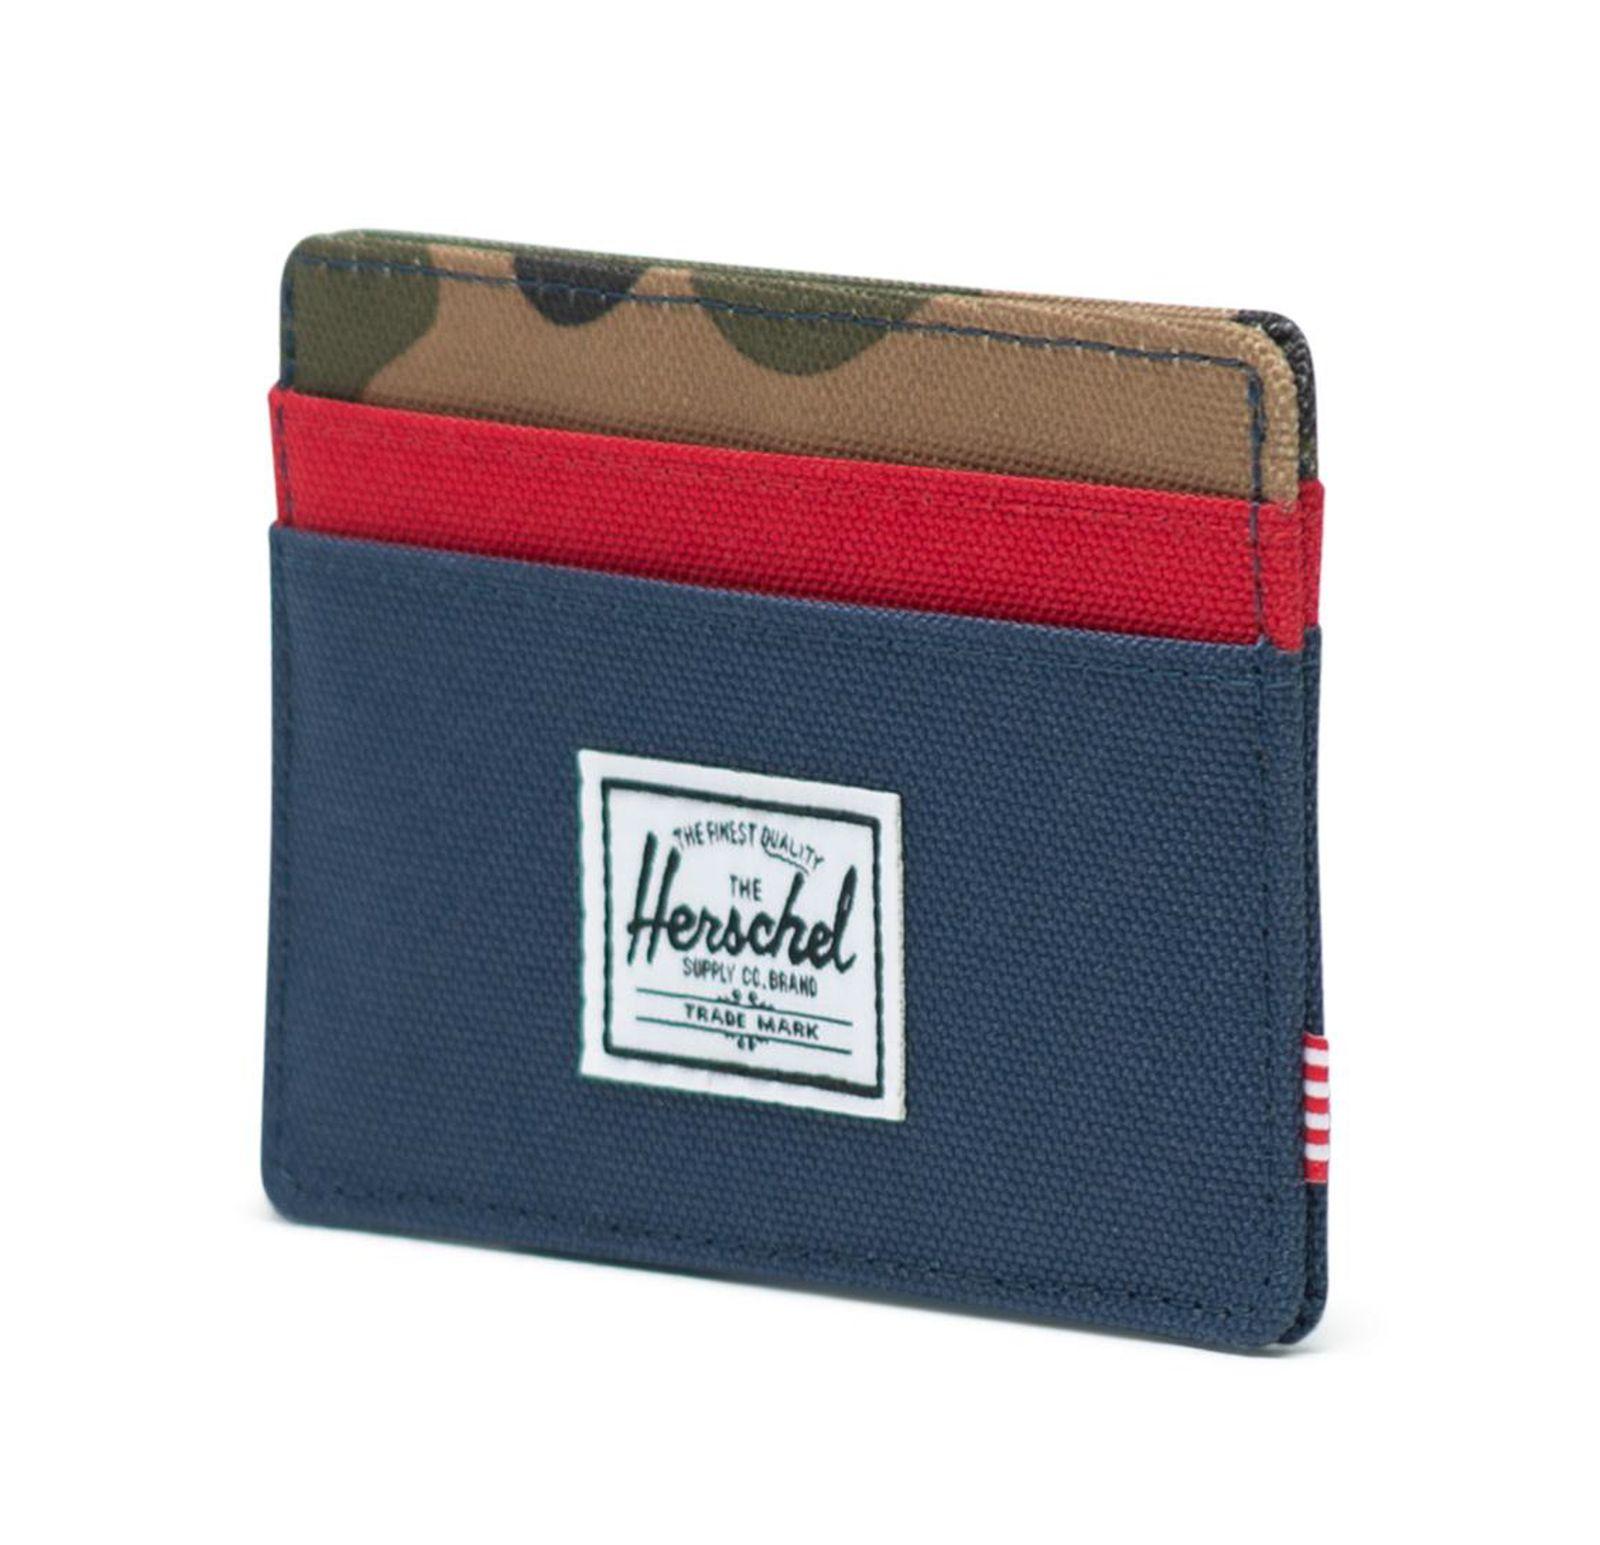 Herschel Charlie Rfid Wallet Navy Red Woodland Camo